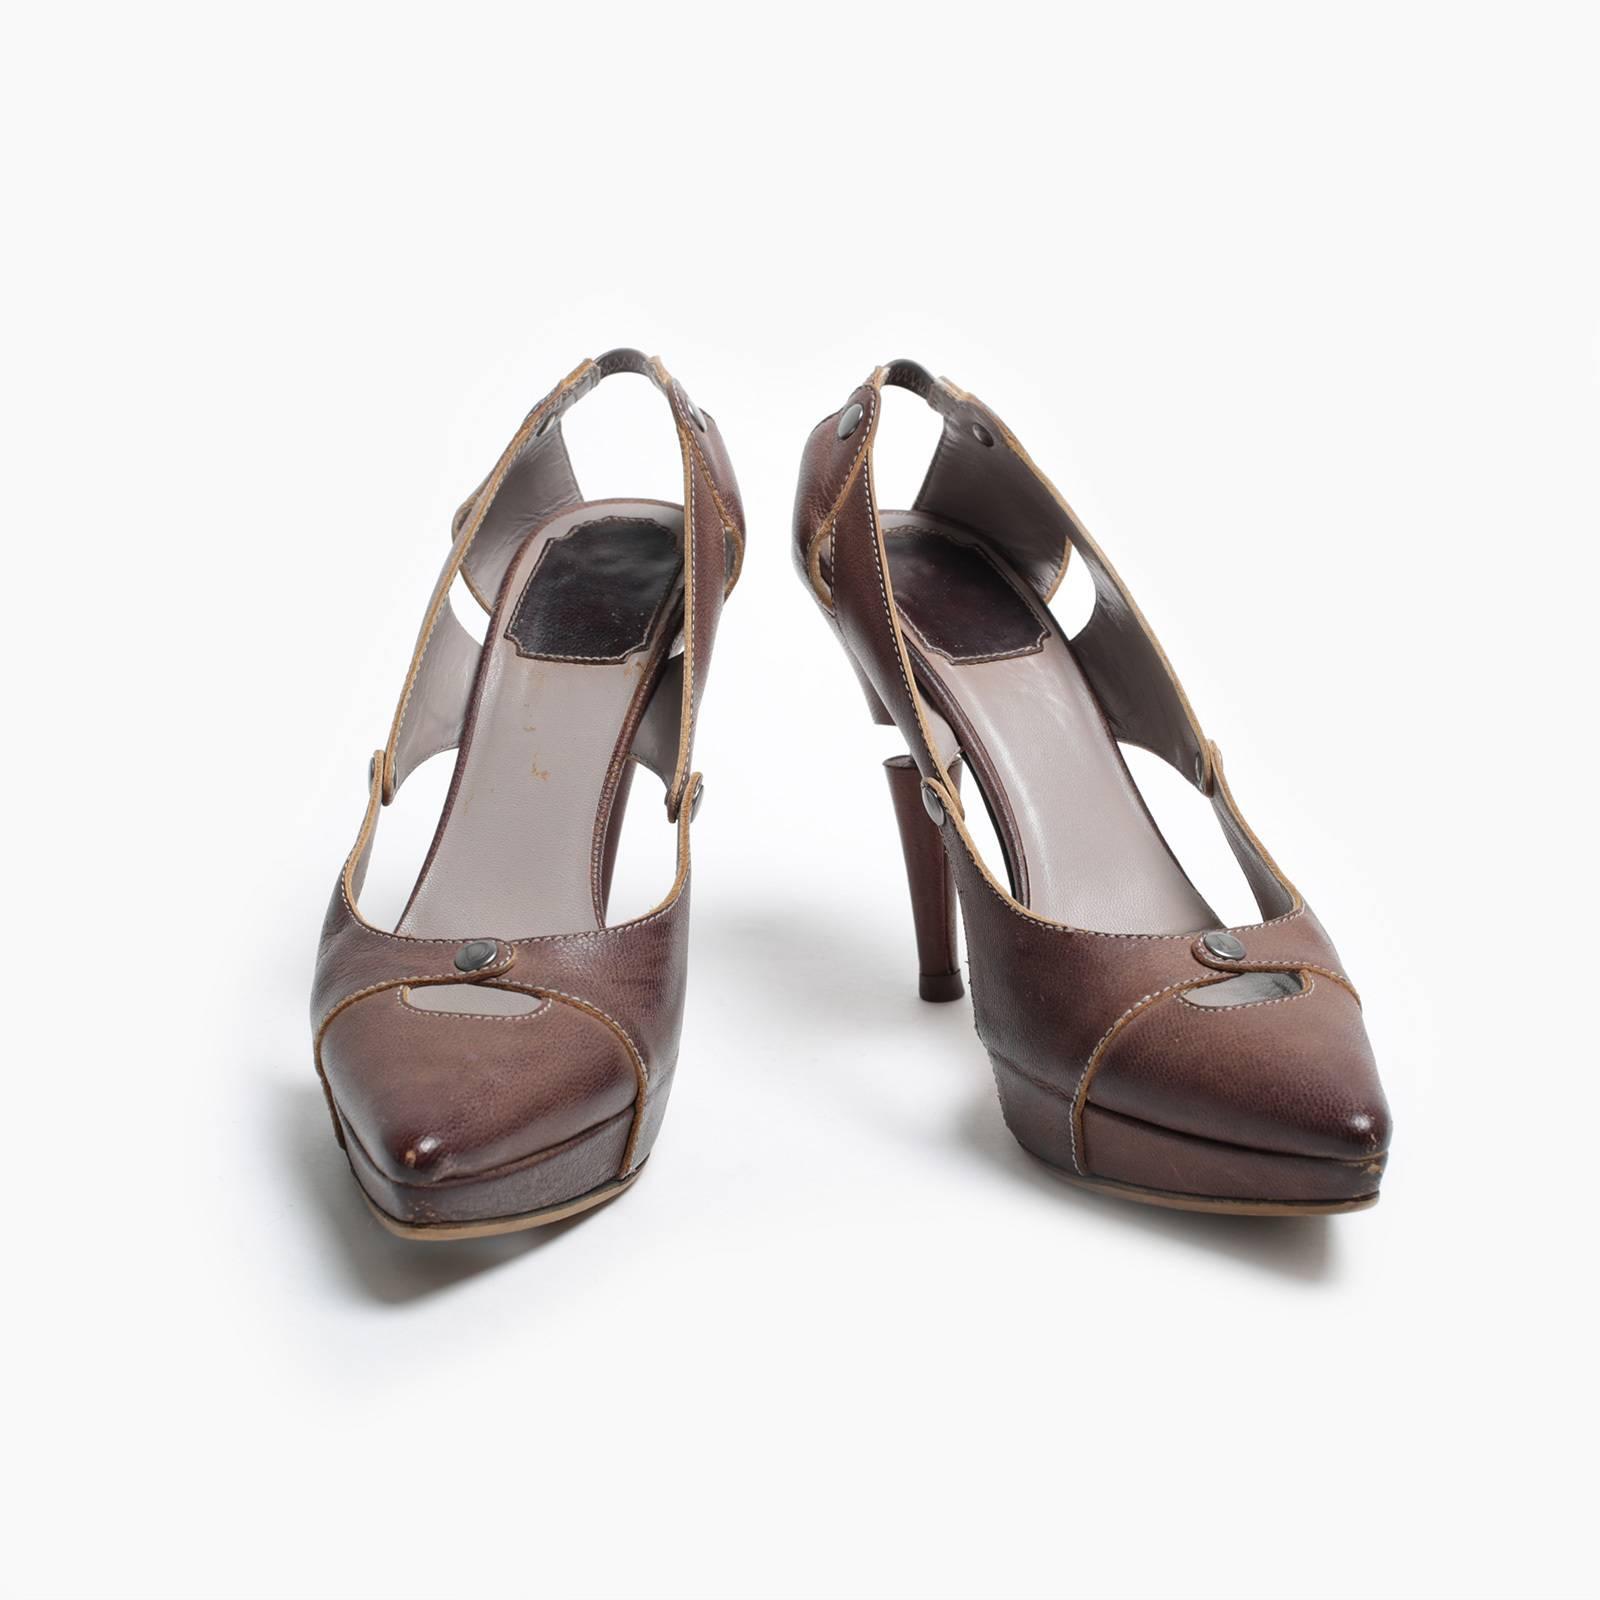 Купить туфли Dior в Москве с доставкой по цене 4920 рублей   Second ... 59f8247badb